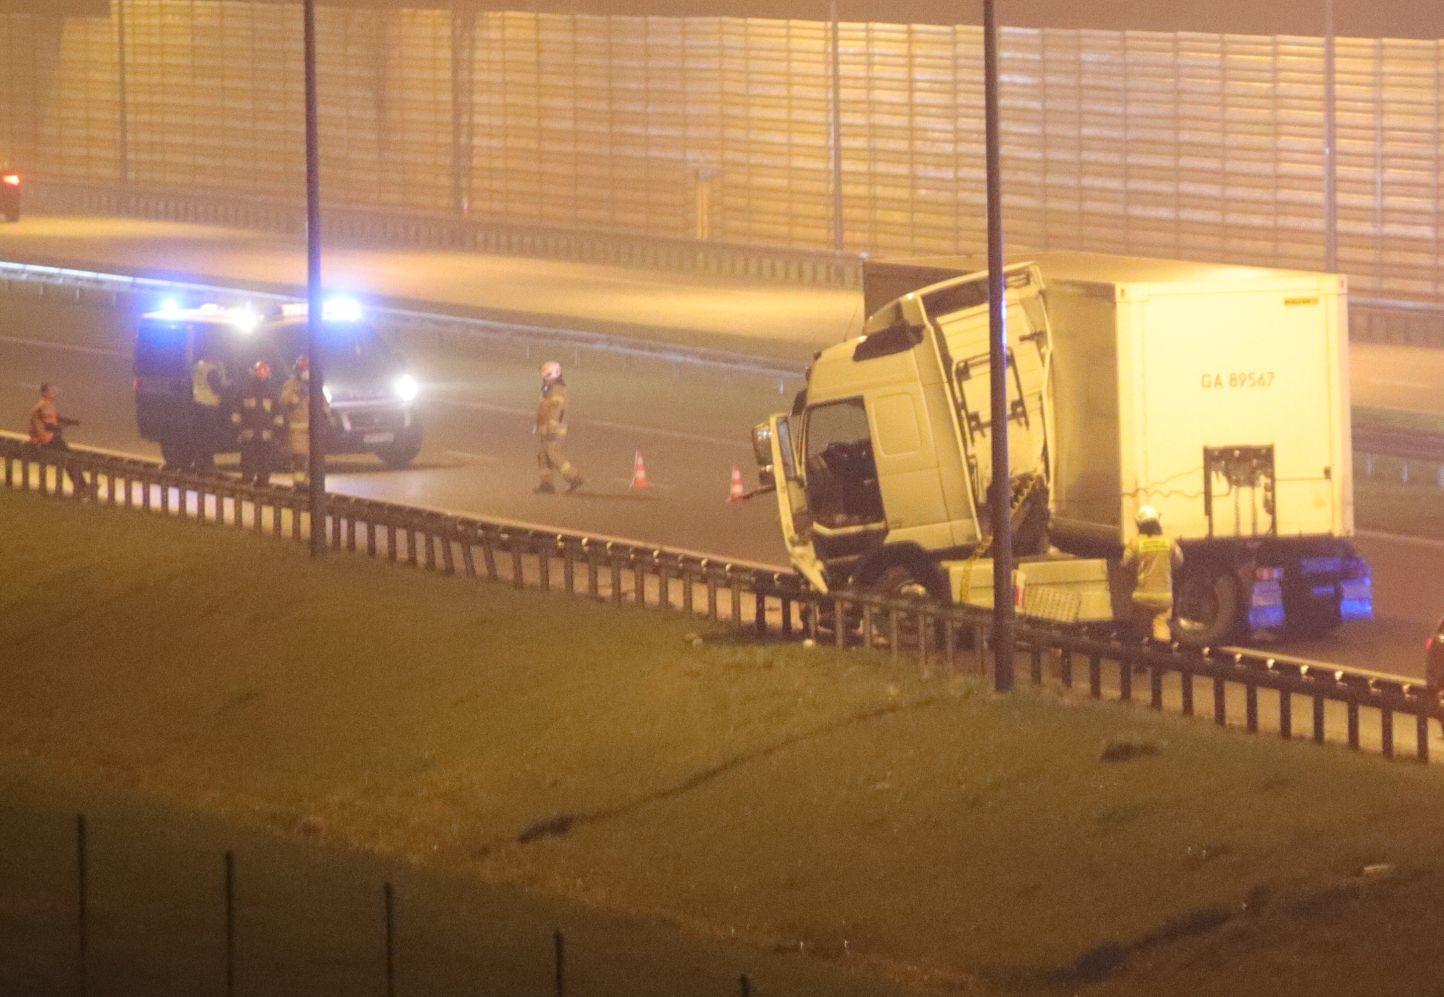 [ZDJĘCIA] Na autostradzie rozbiła się ciężarówka. Trwa akcja służb z powiatu kutnowskiego - Zdjęcie główne